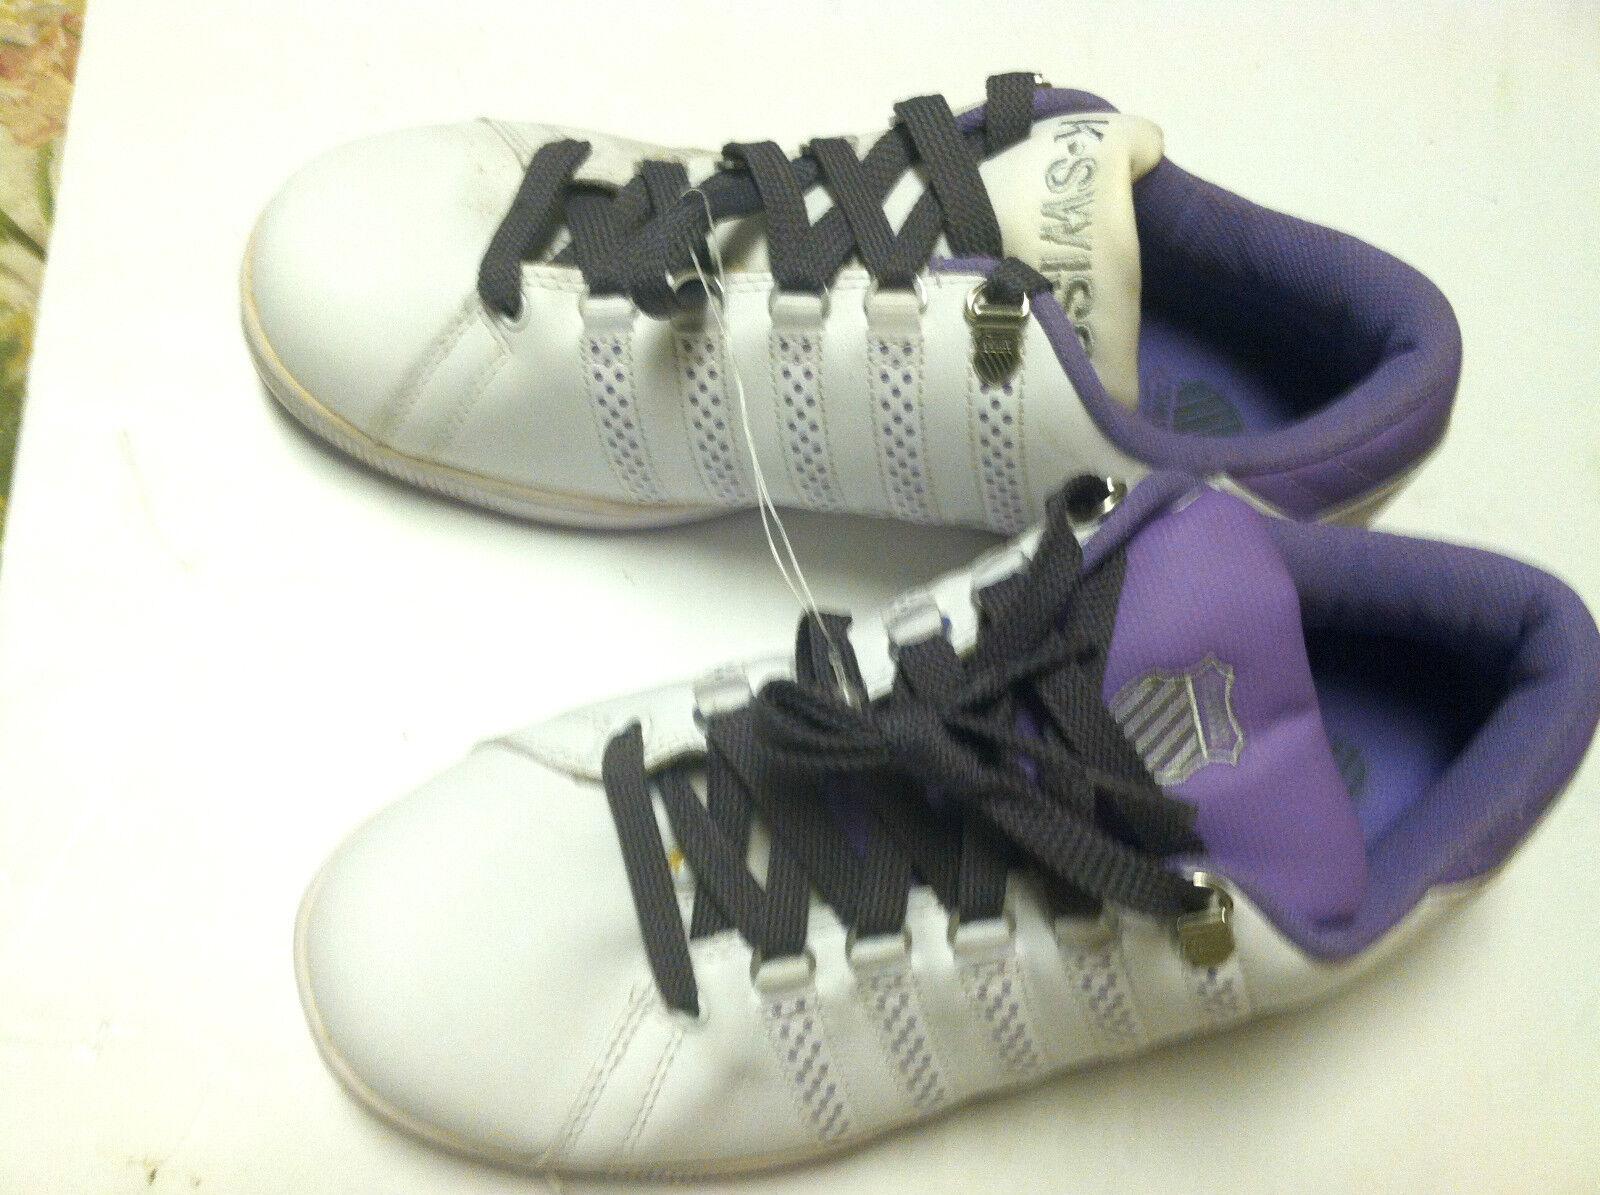 Zapatos promocionales para hombres y mujeres K-swiss - Zapatillas - Lengua Twister - Talla 8 - NWOB - b-sho-12